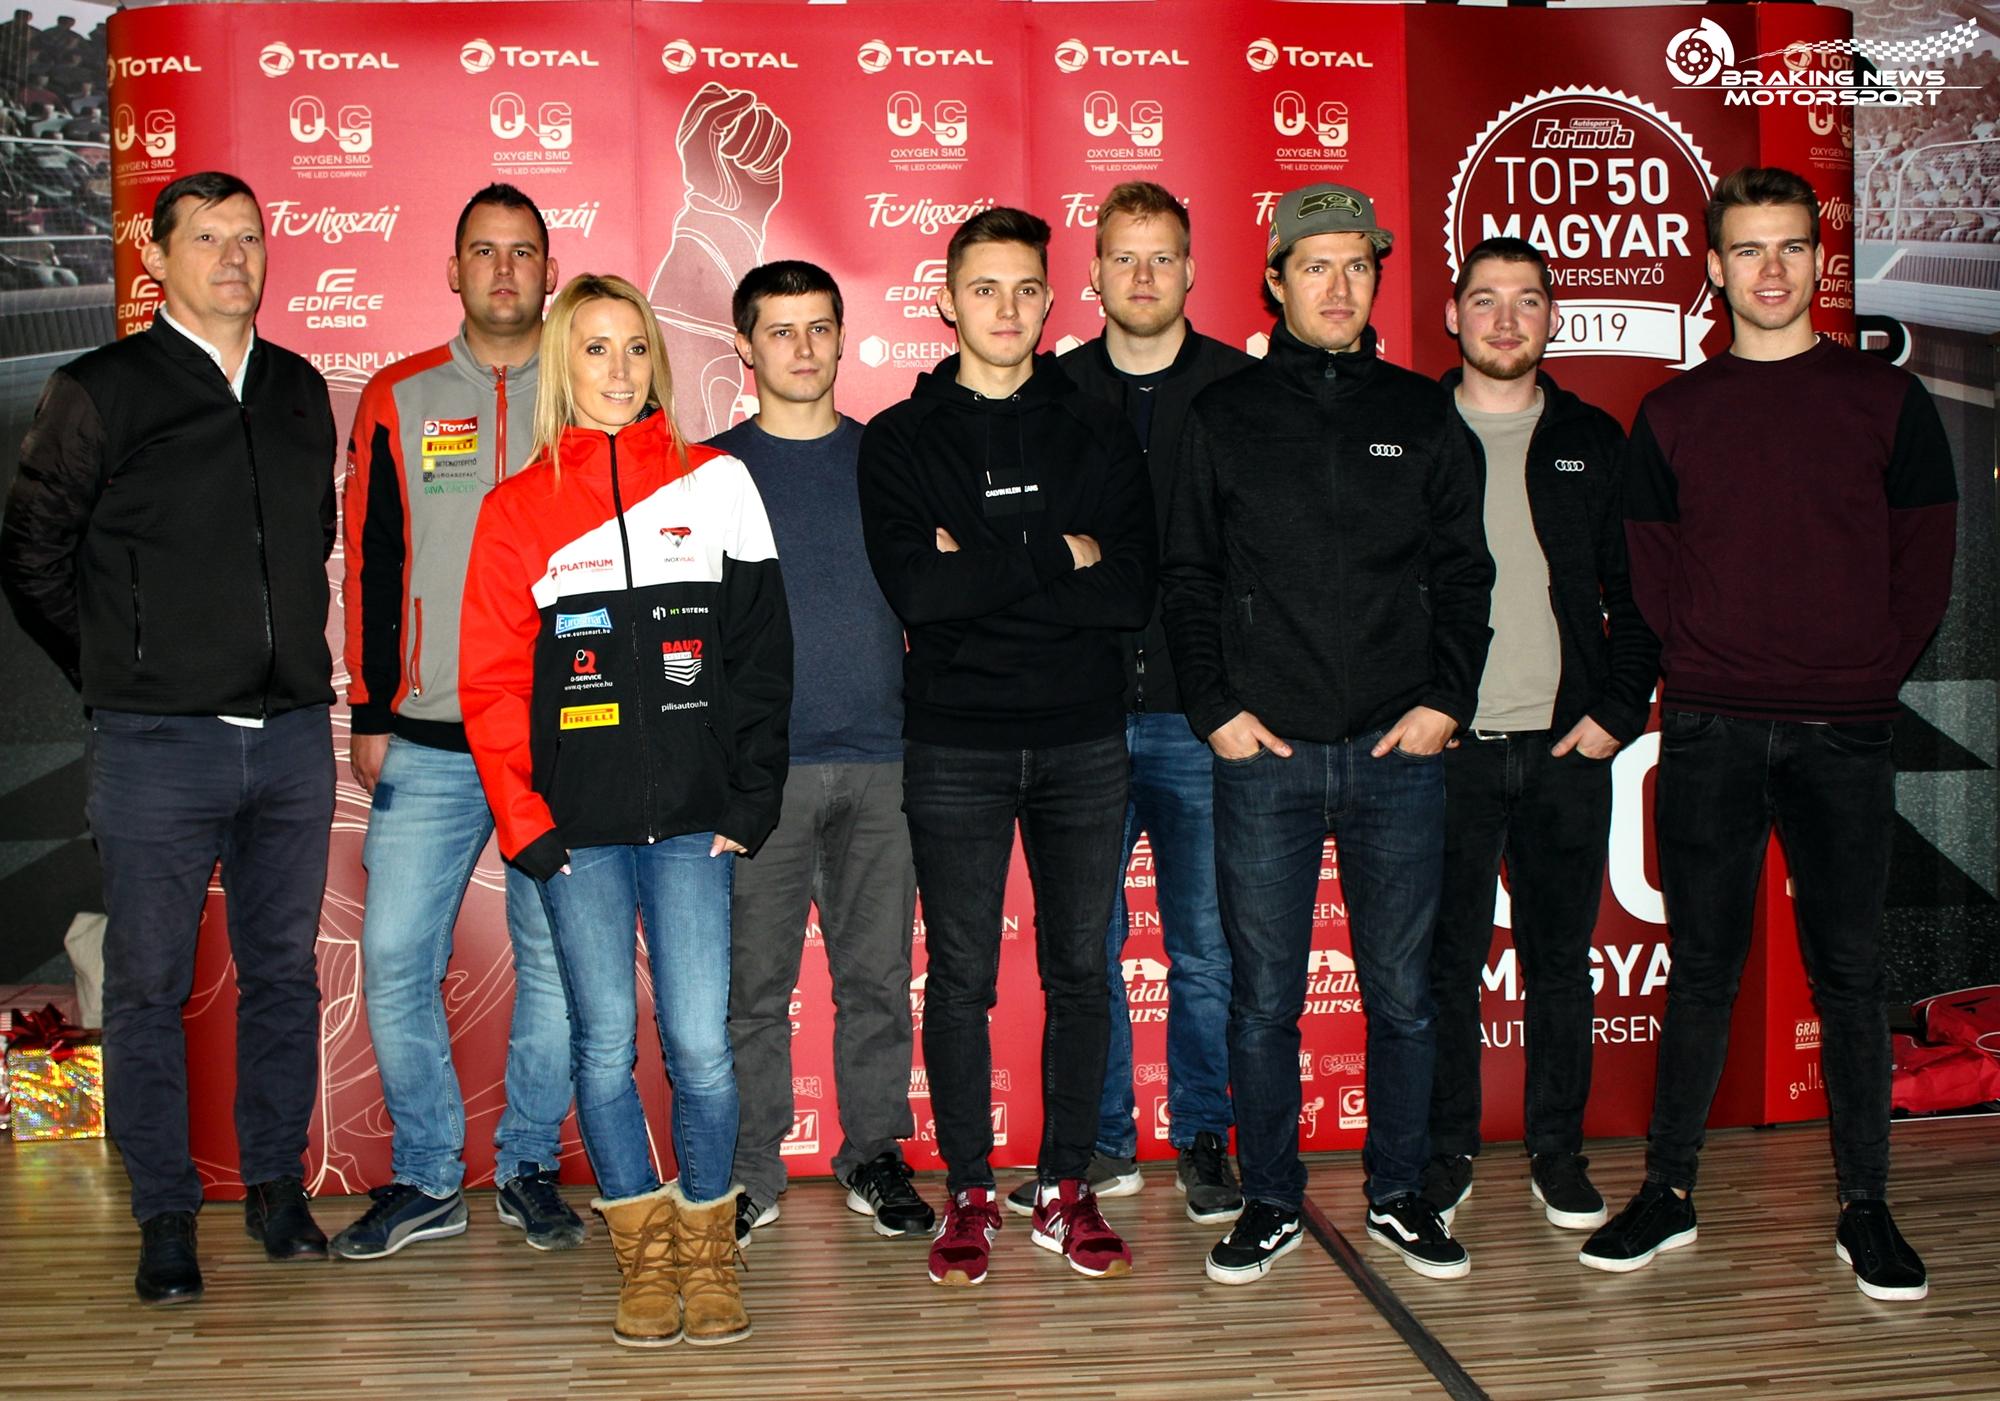 Gokartozással hangoltak a TOP50 gálára a magyar versenyzők